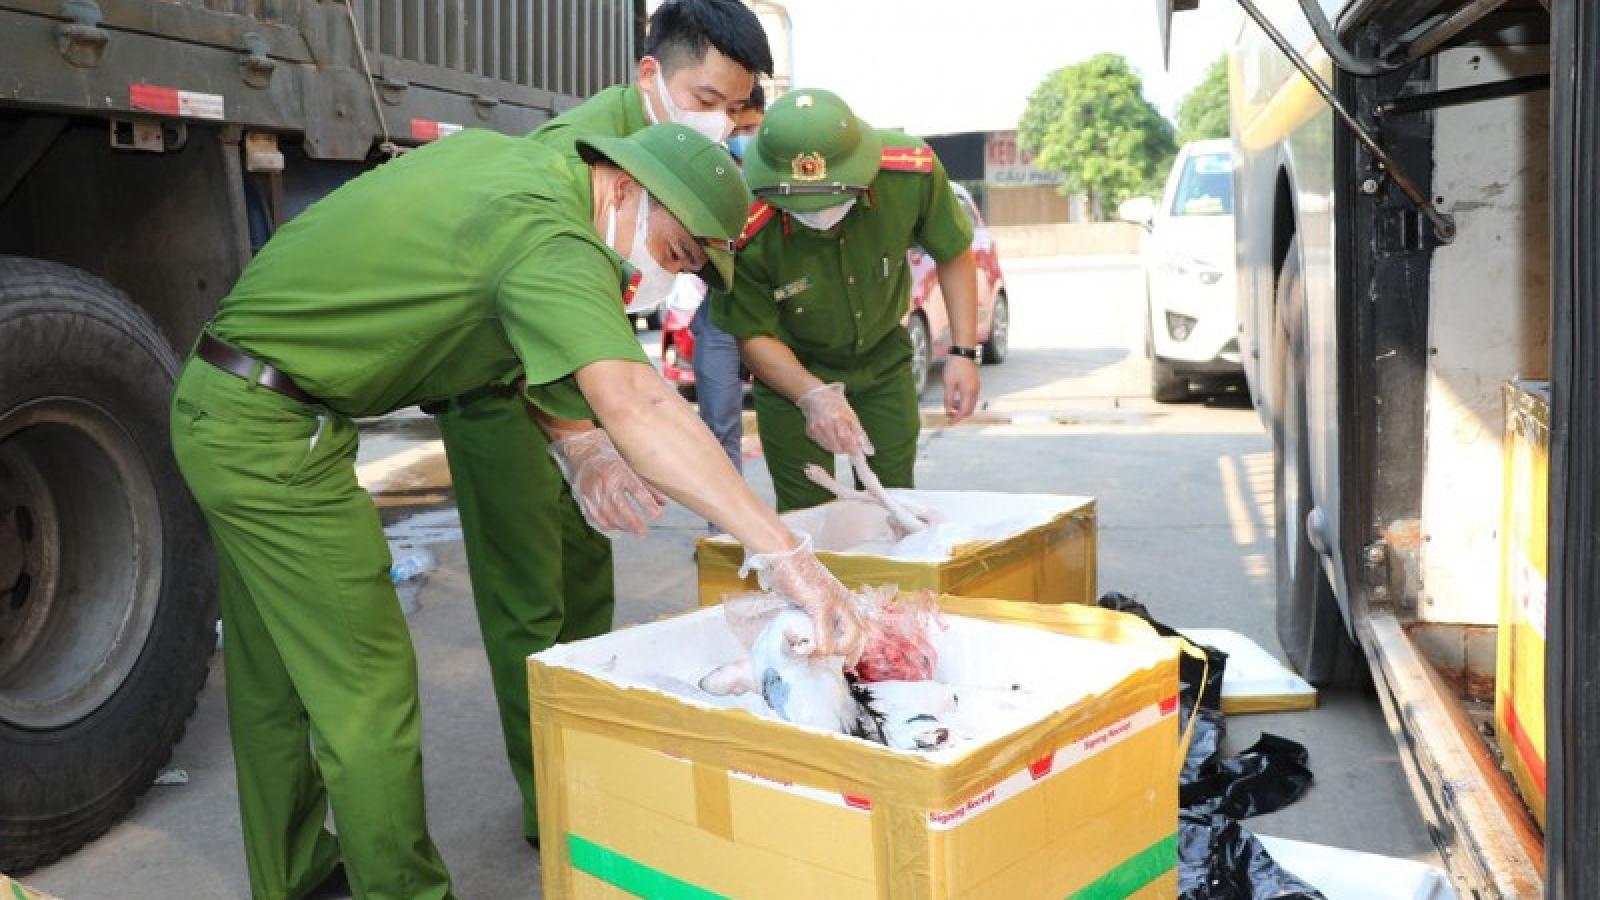 Hà Tĩnh: Bắt giữ xe khách vận chuyển 800 kg thực phẩm bốc mùi hôi thối